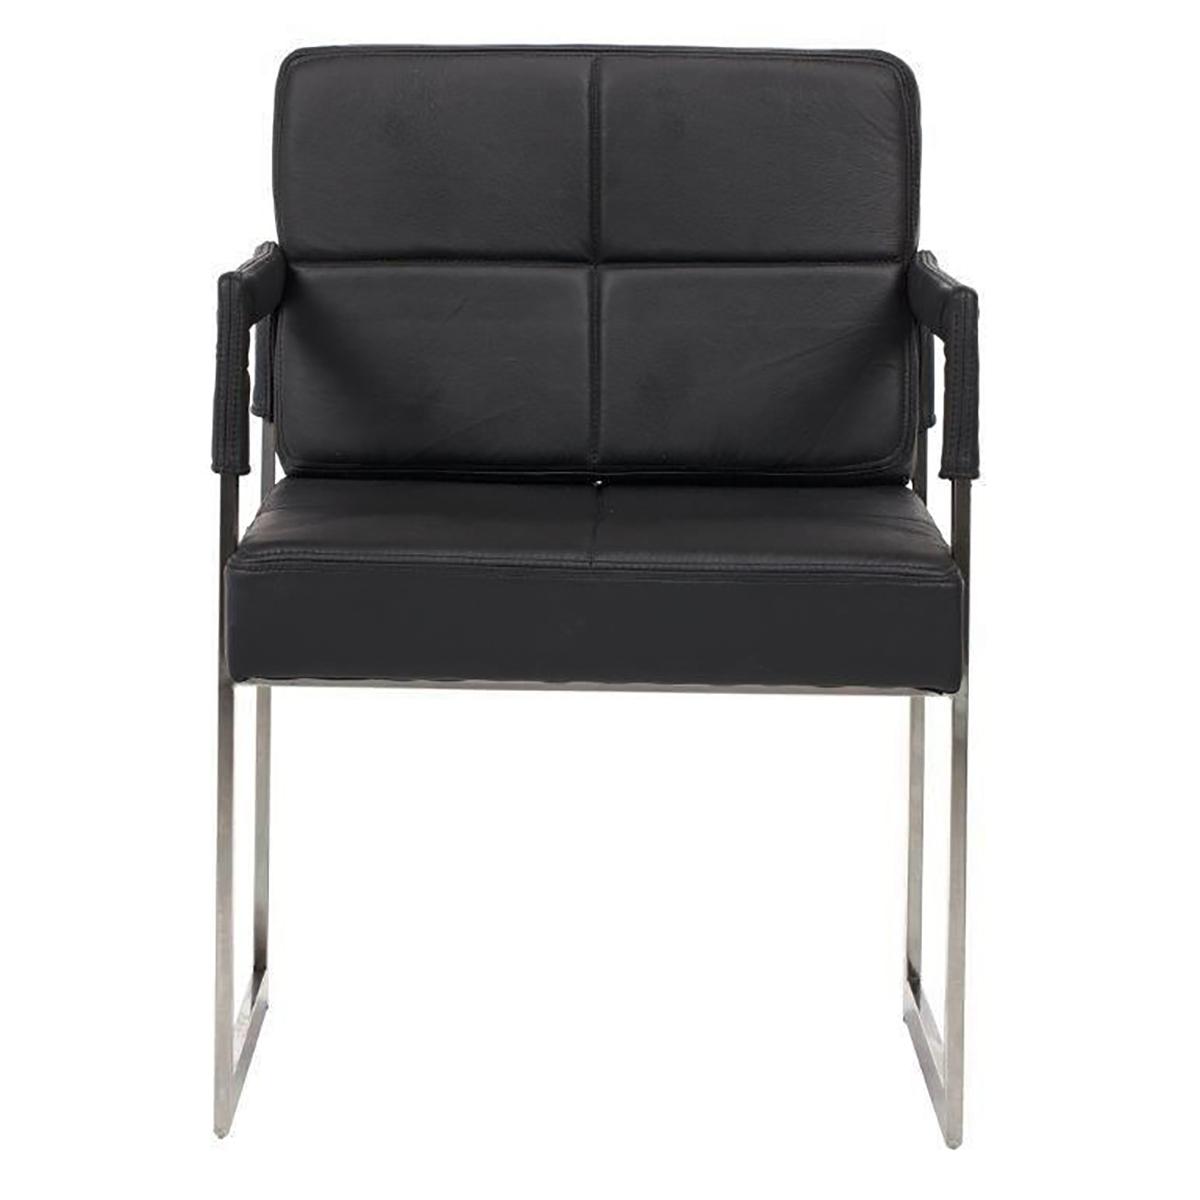 Купить Кресло Aster Chair Черная Кожа Класса Премиум в интернет магазине дизайнерской мебели и аксессуаров для дома и дачи